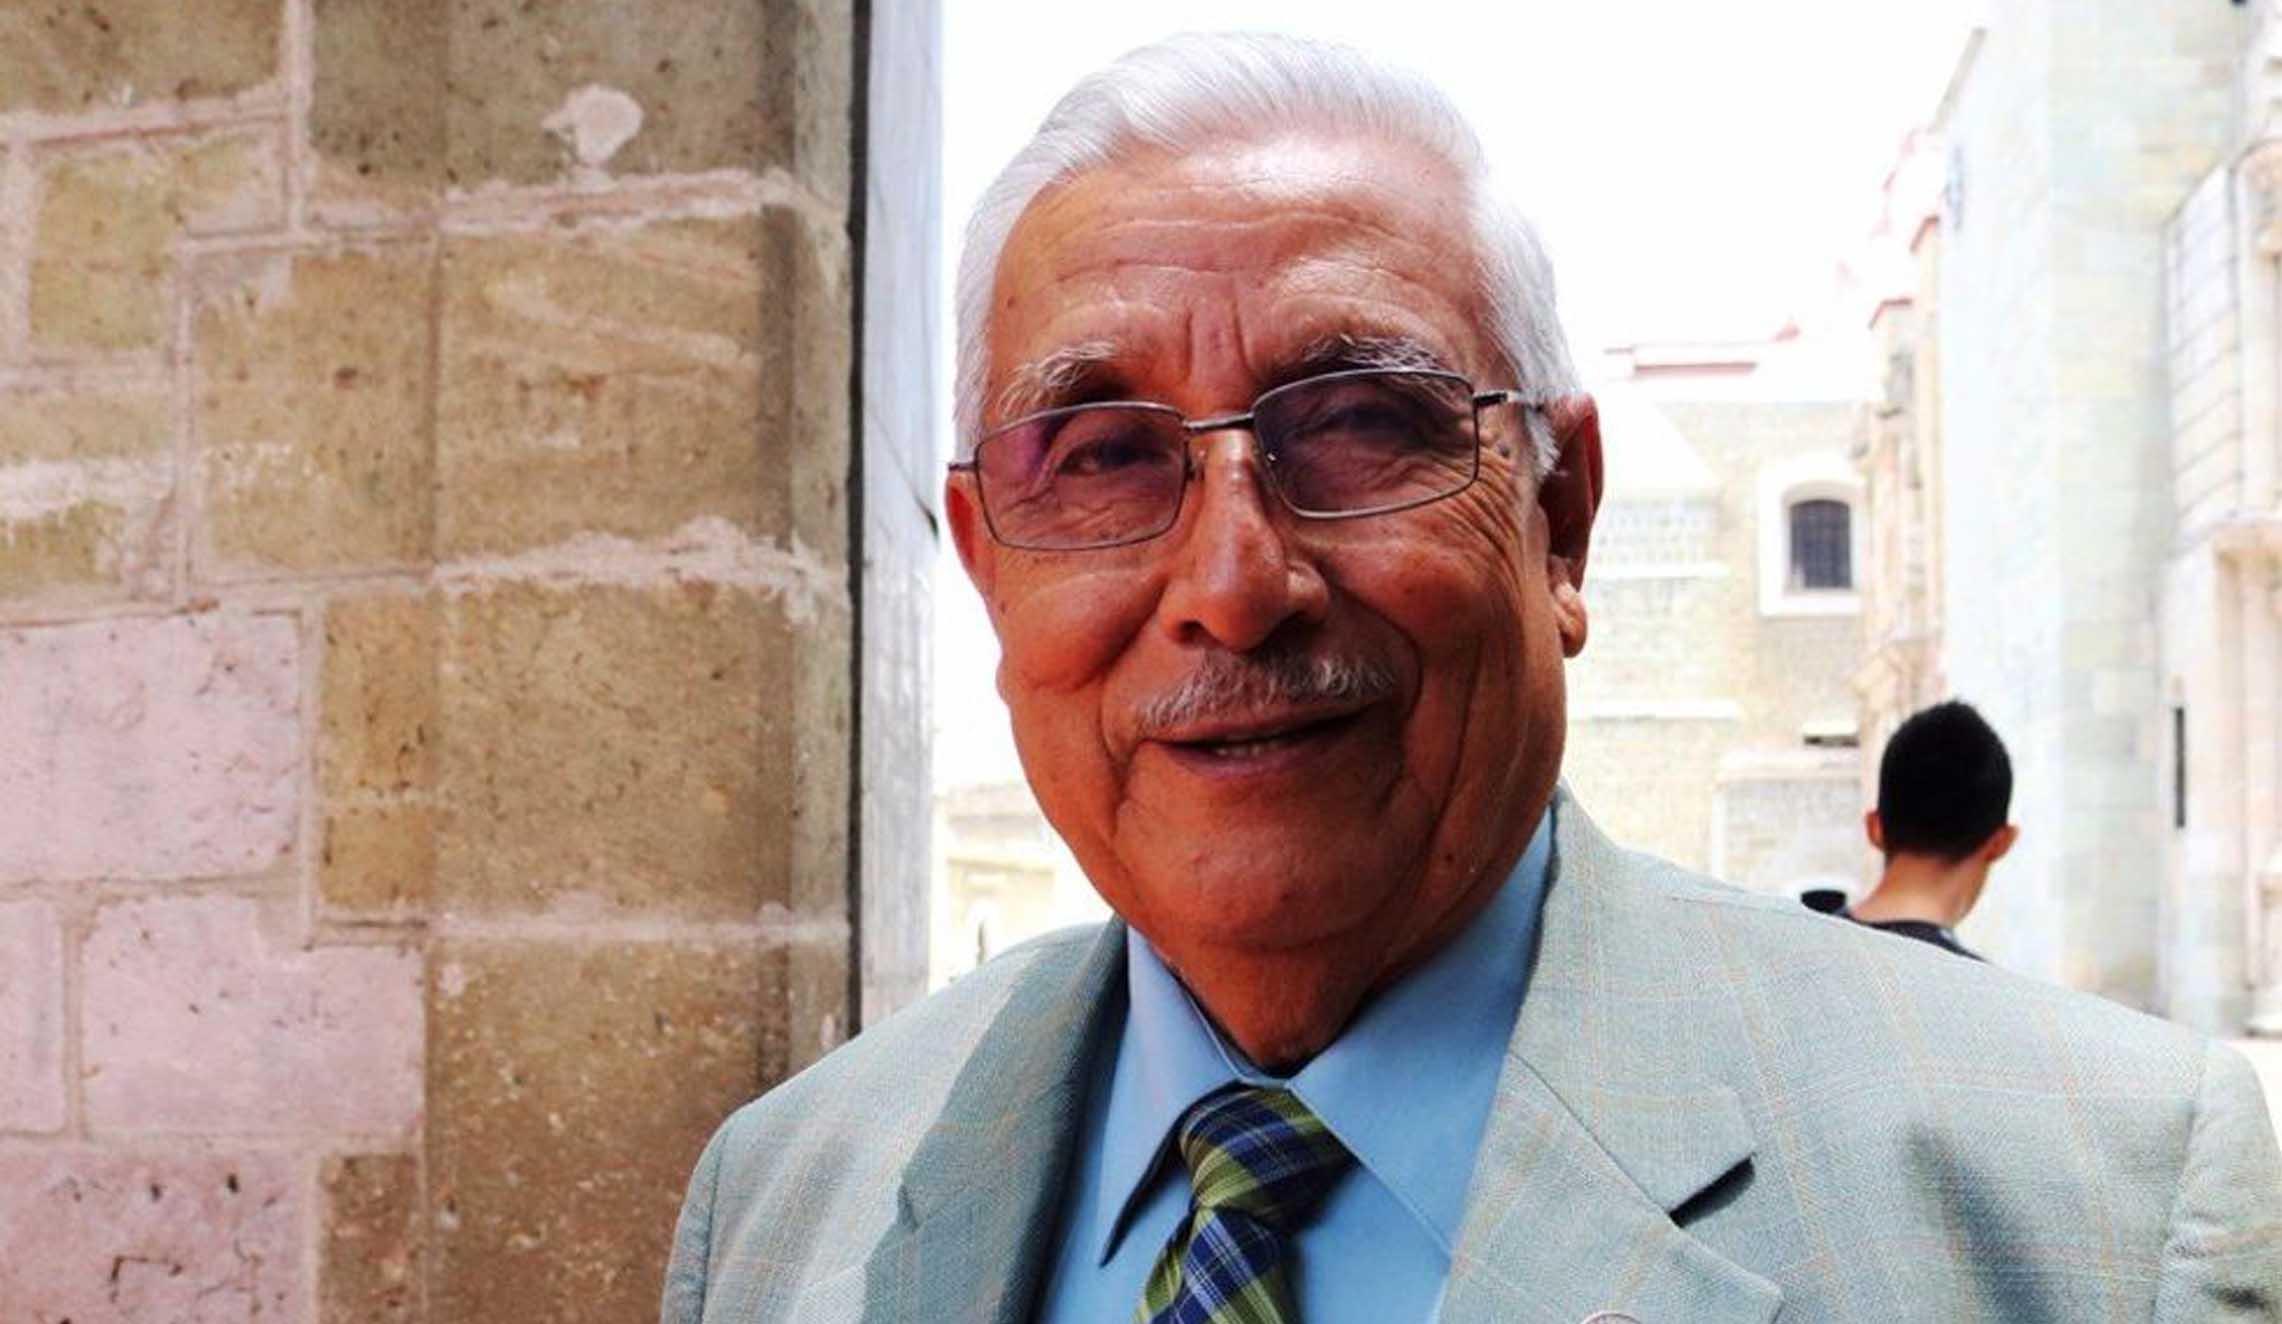 Rinden homenaje a Rubén Vasconcelos | El Imparcial de Oaxaca